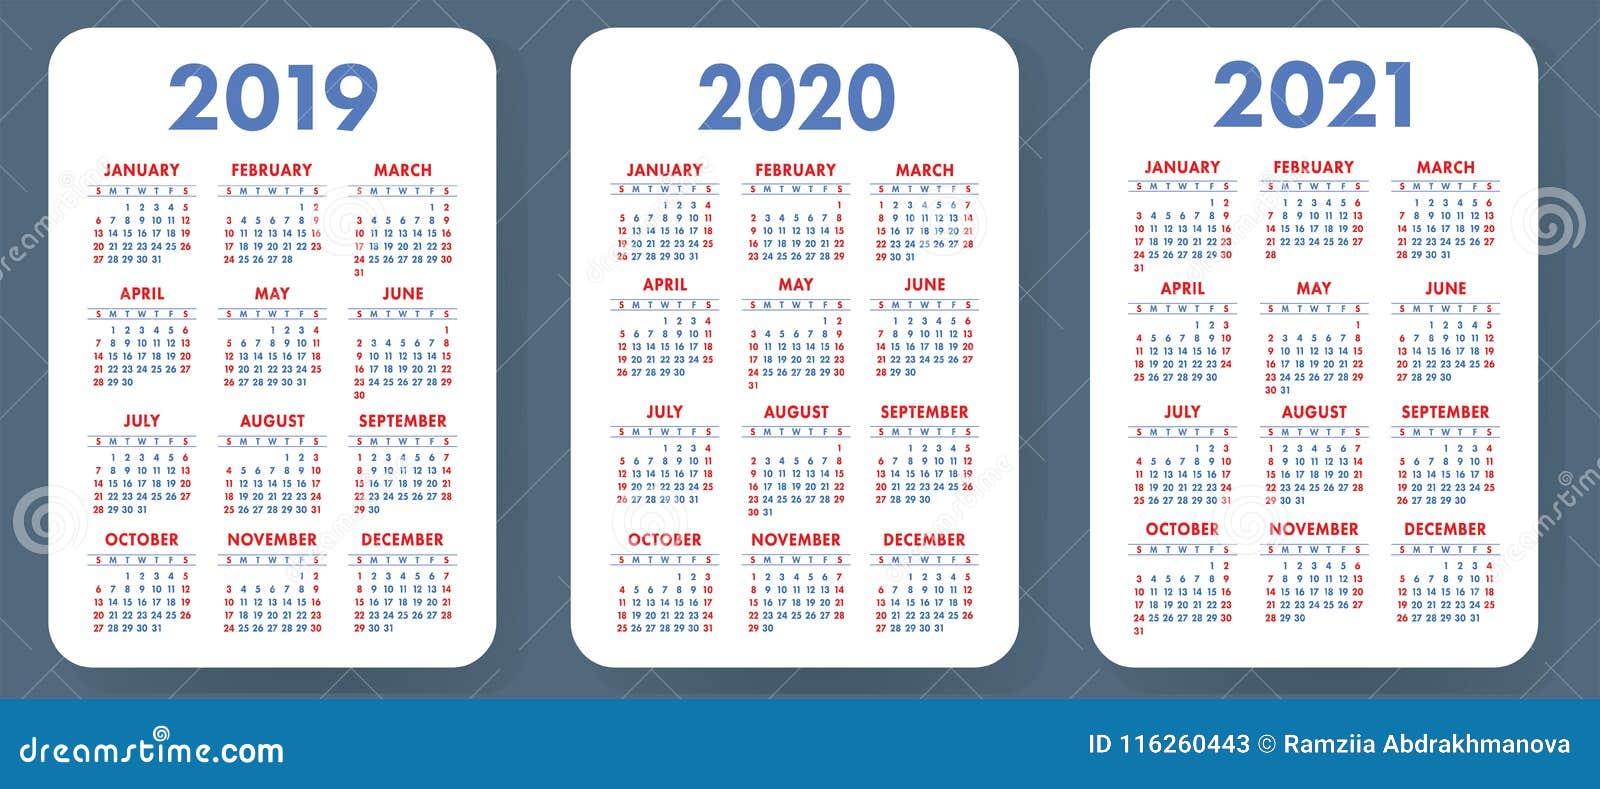 Calendario Diario 2020.Calendario 2019 2020 Del Bolsillo Sistema 2021 Plantilla